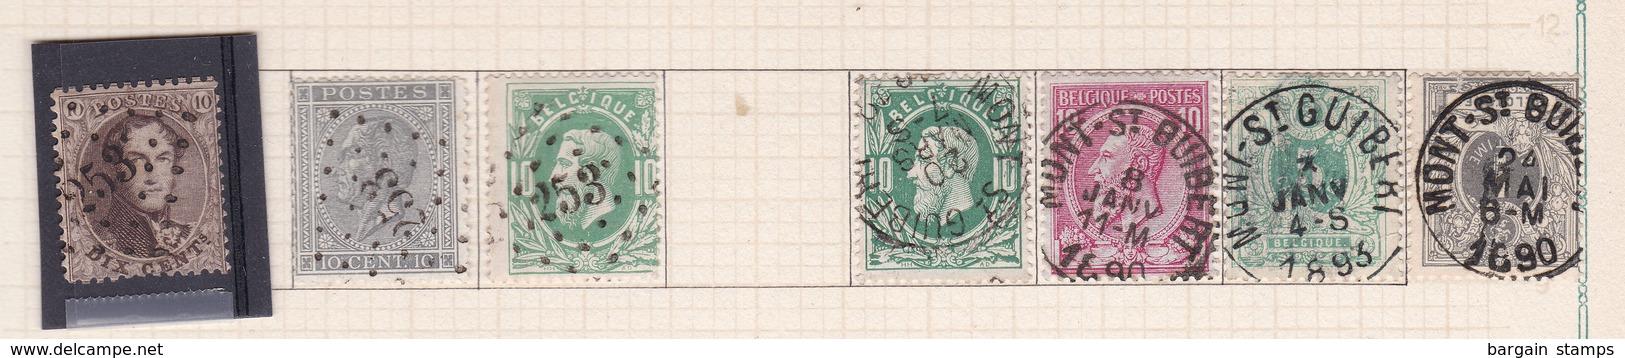 Belgique COB 14 17 30(x2) 46 45 43 Oblitérés Mont-St-Guibert - Belgique